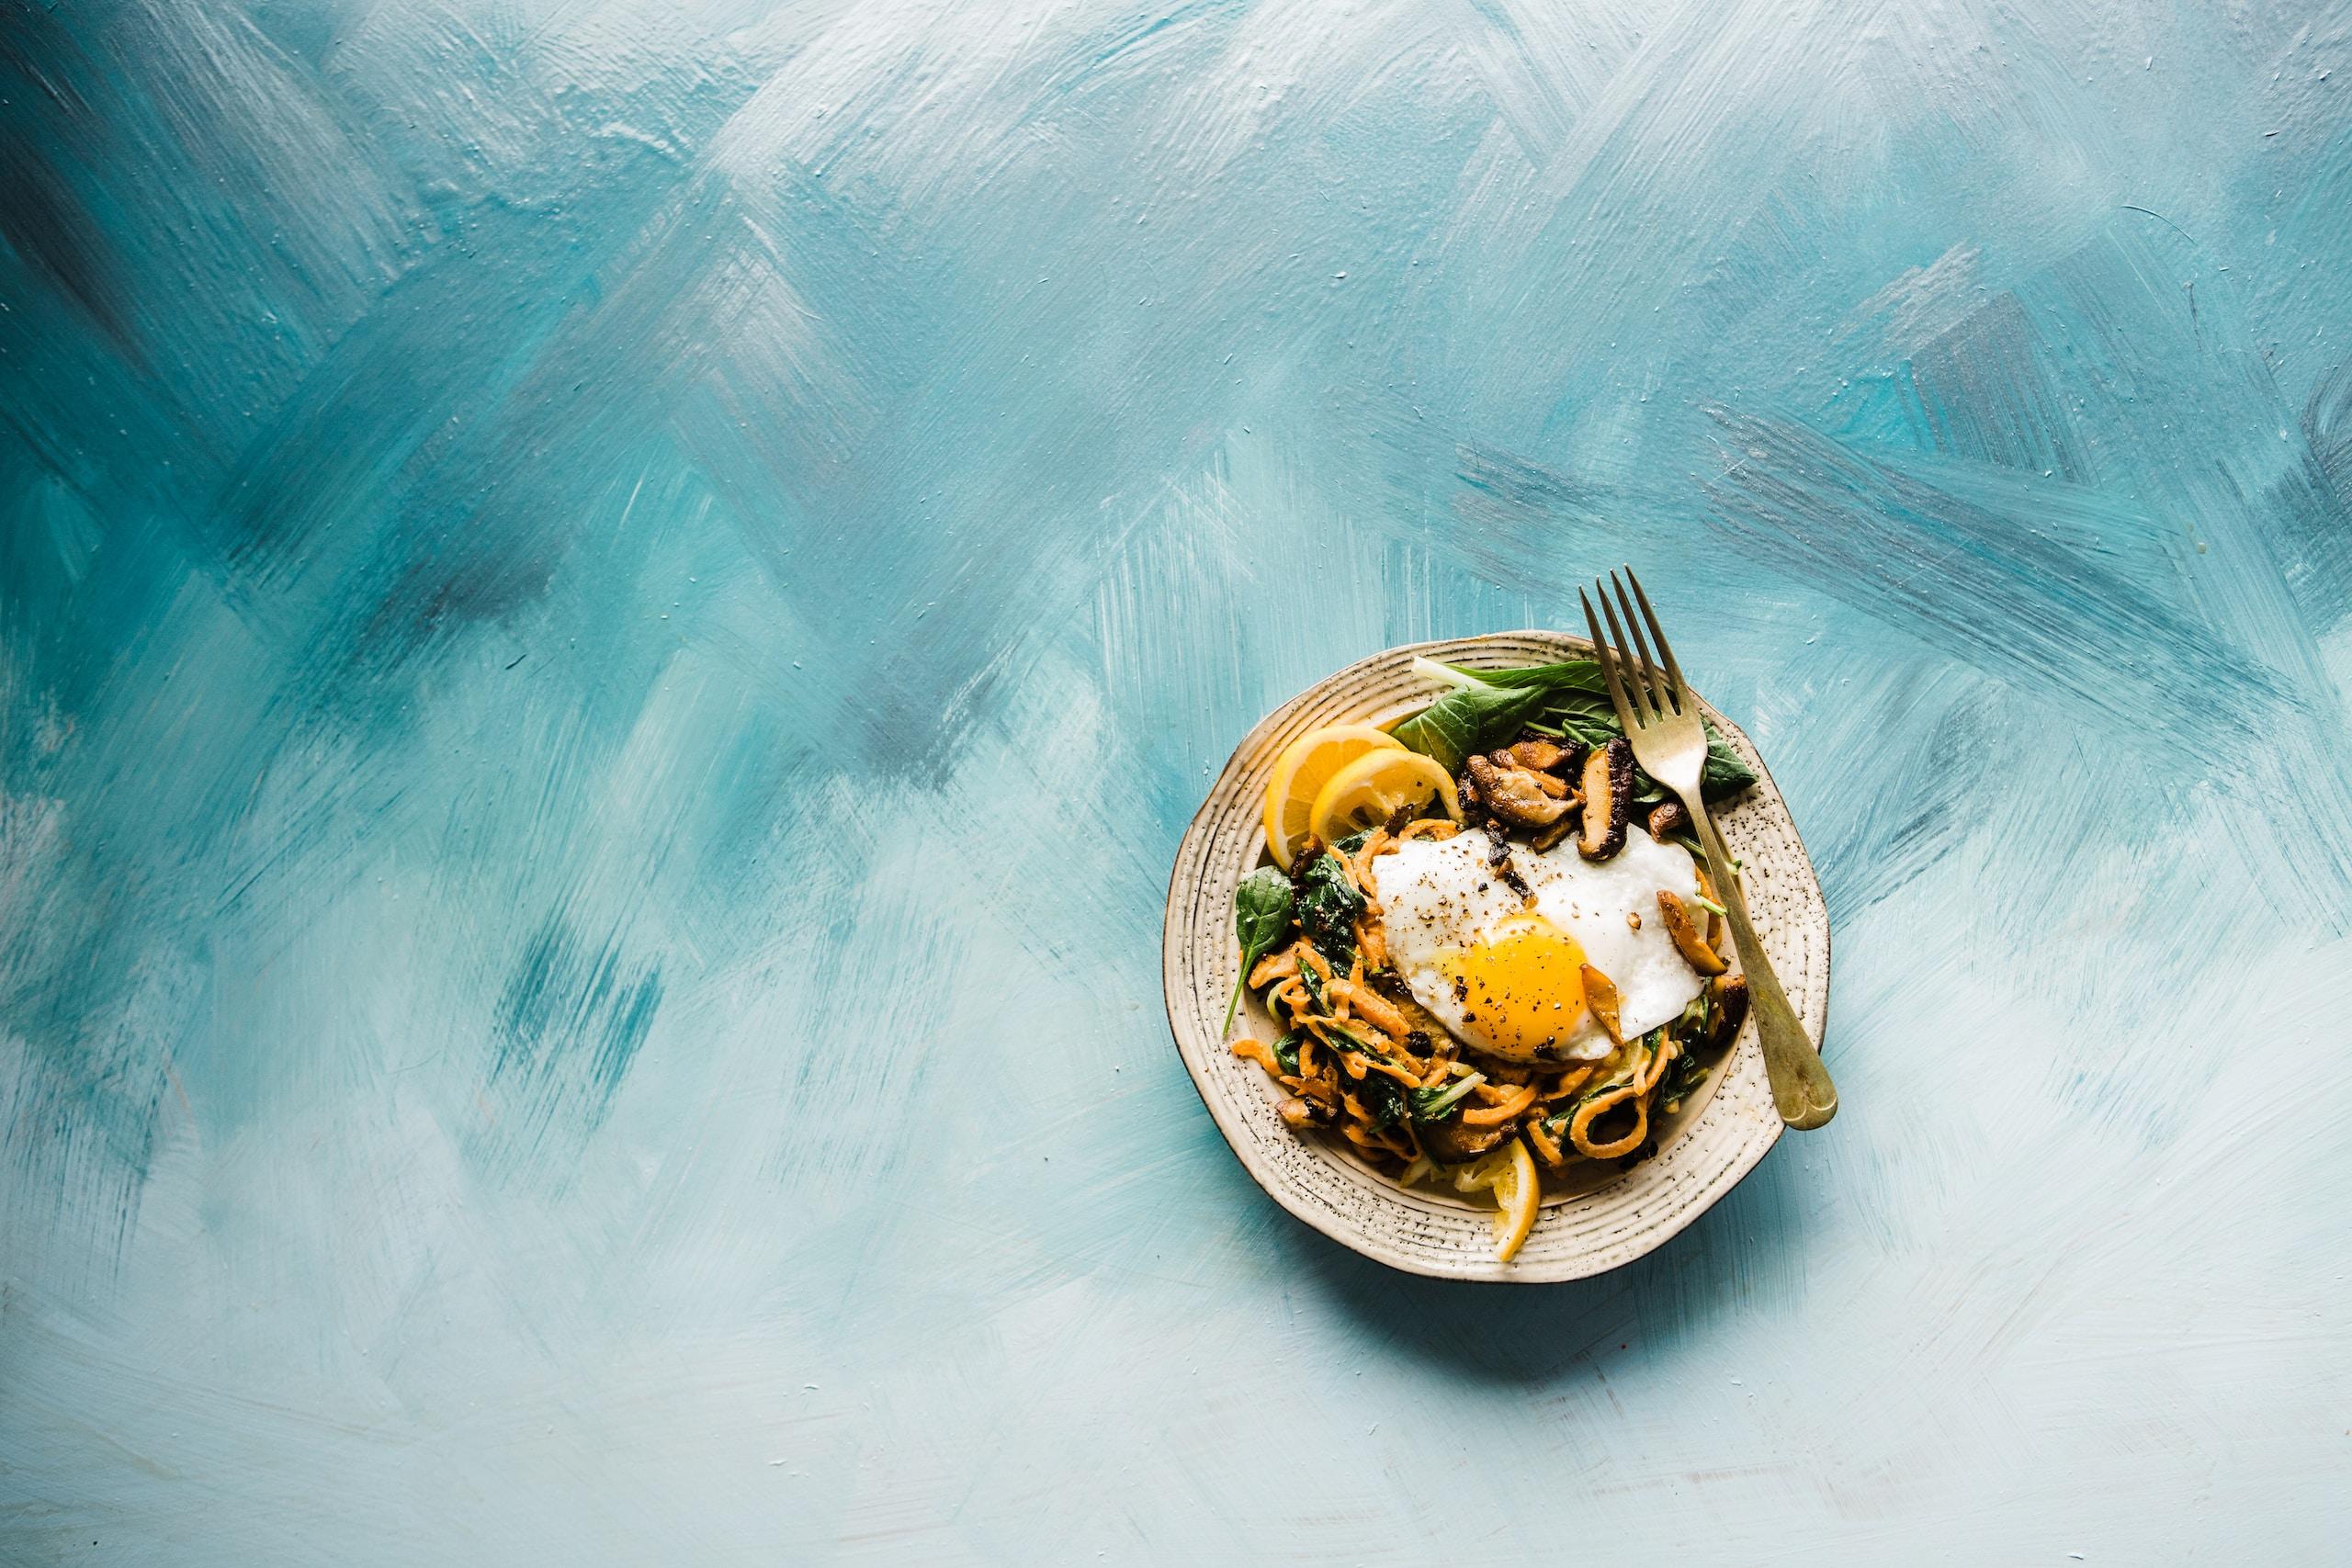 ayuno intermitente, pasta dish on brown plate